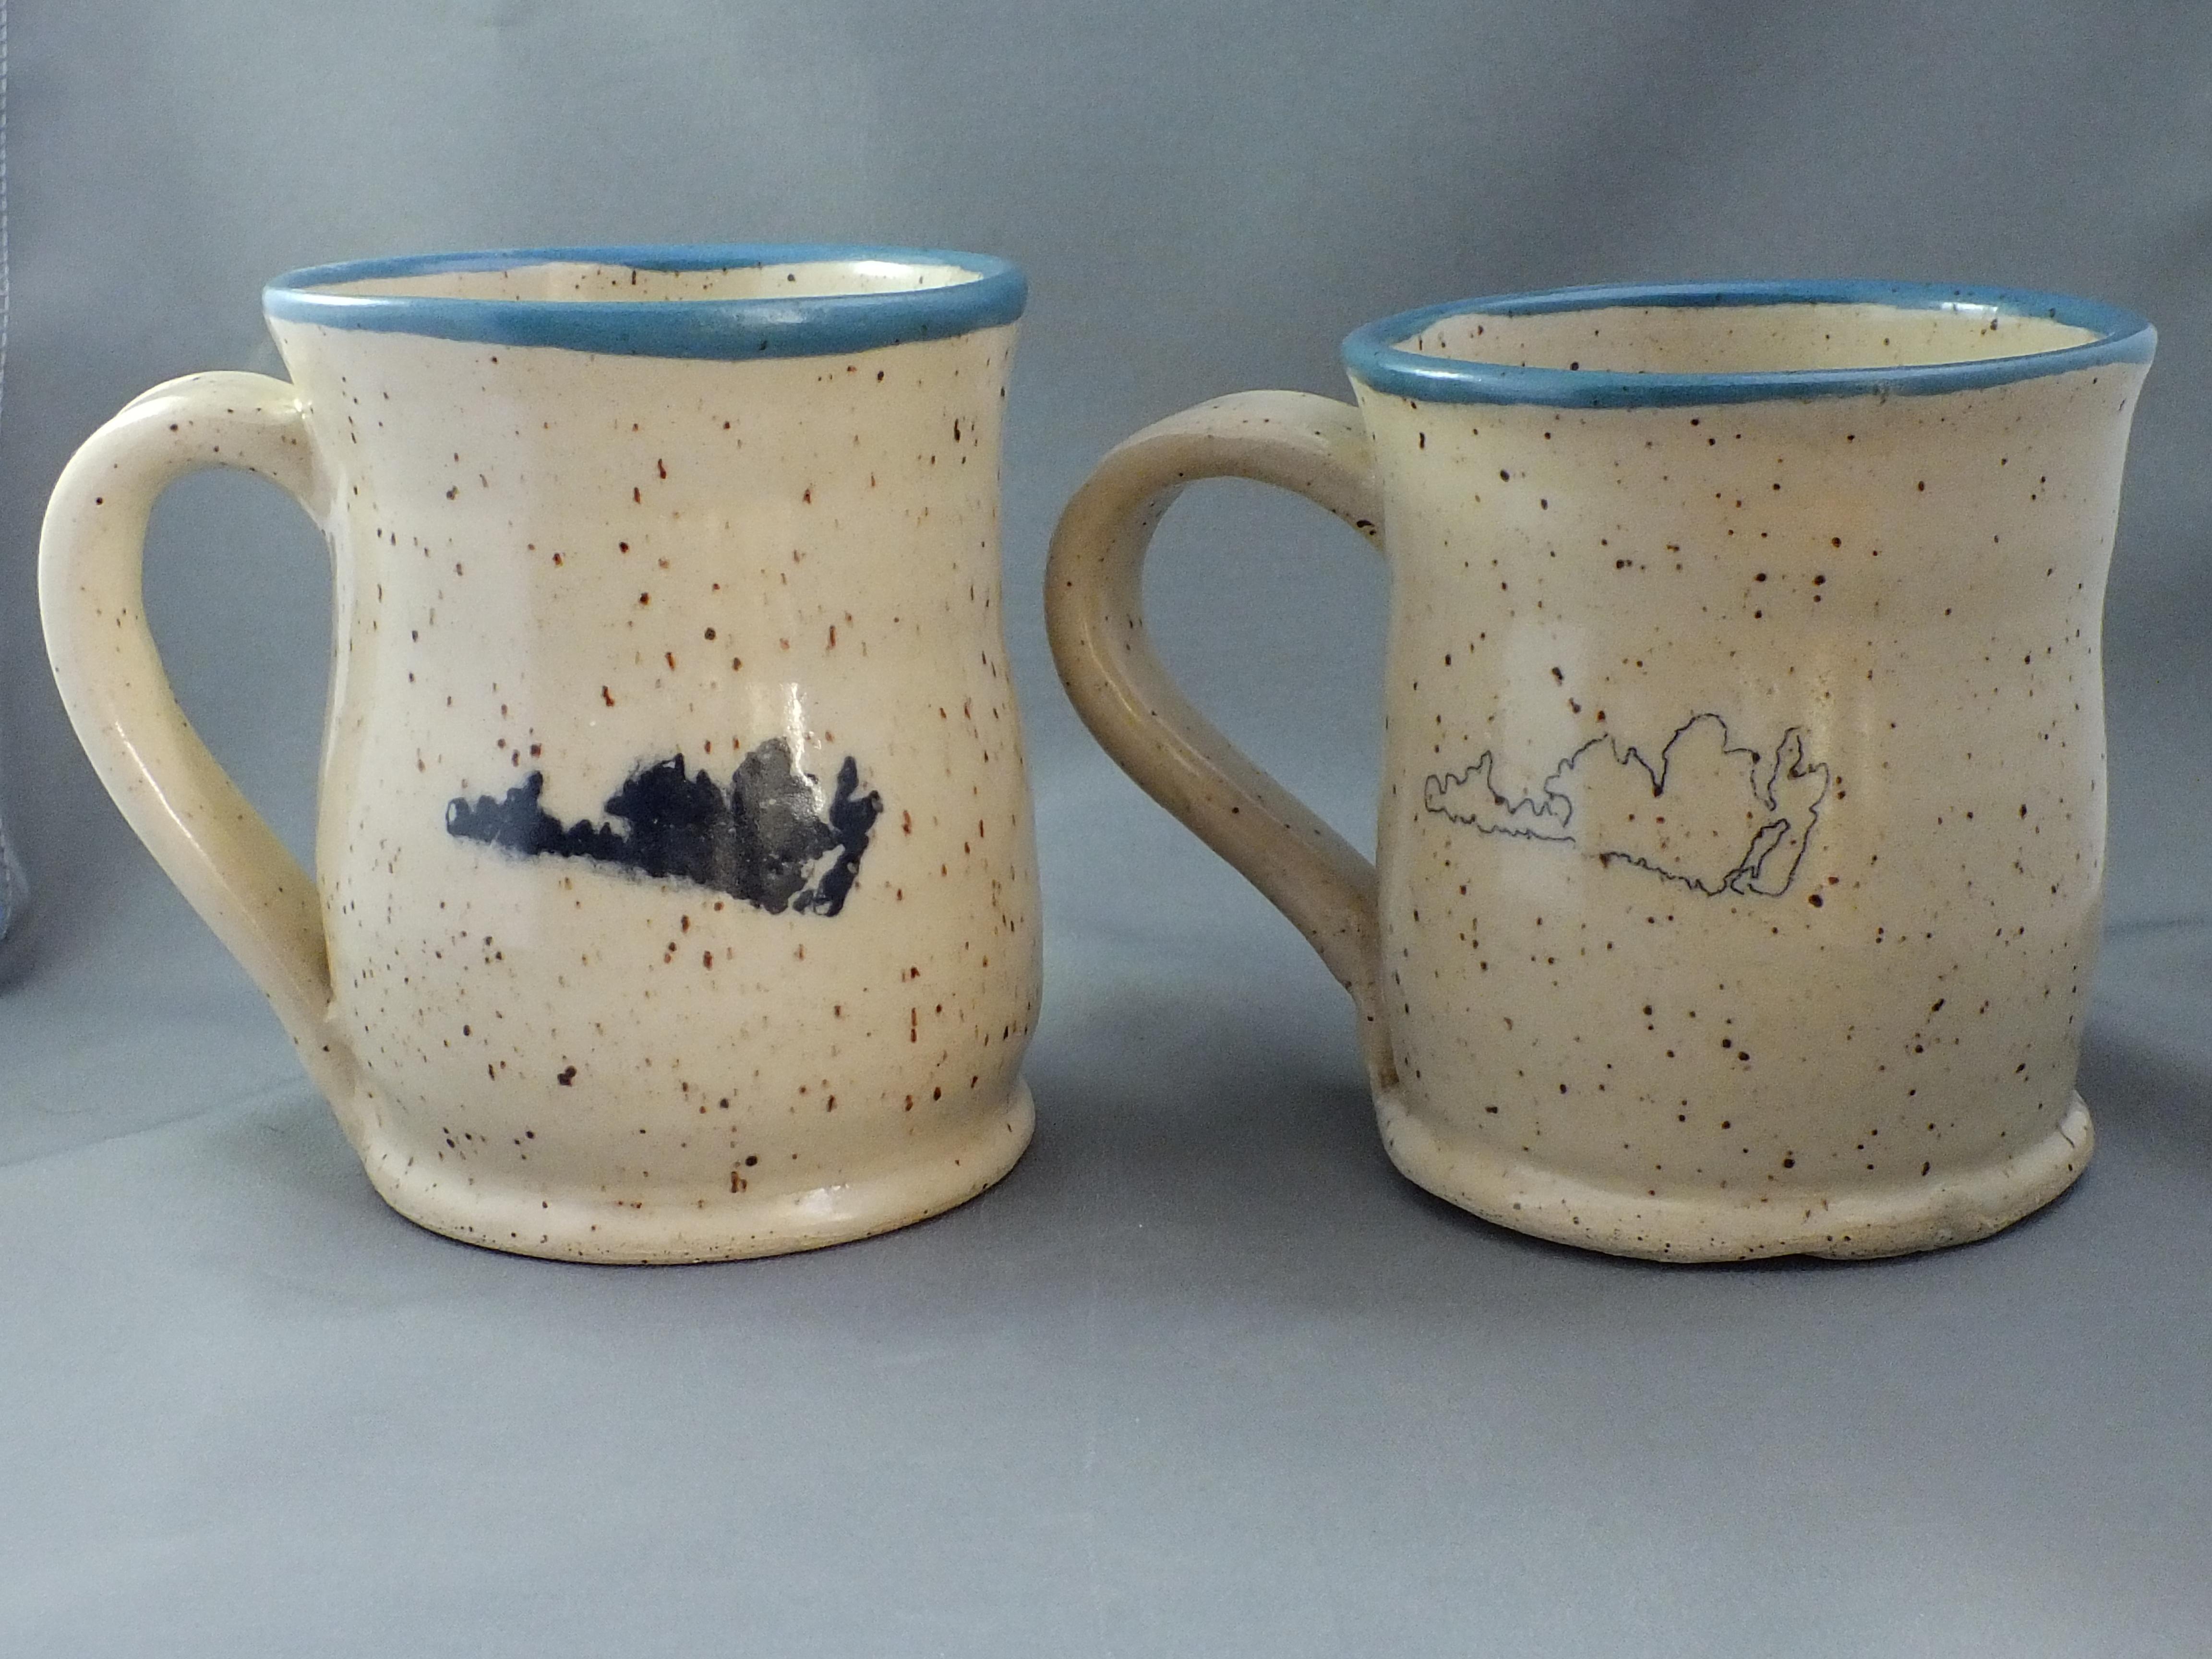 Manitoulin mugs